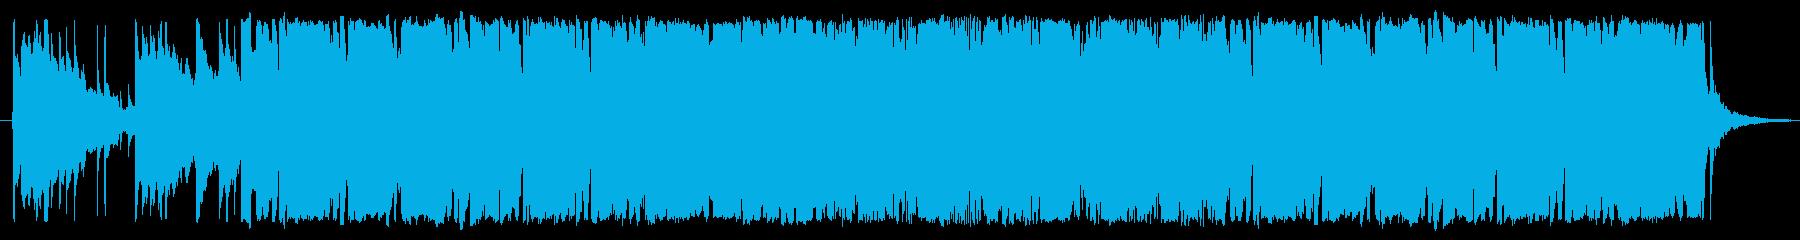 70年代学園ドラマ風BGMその4の再生済みの波形